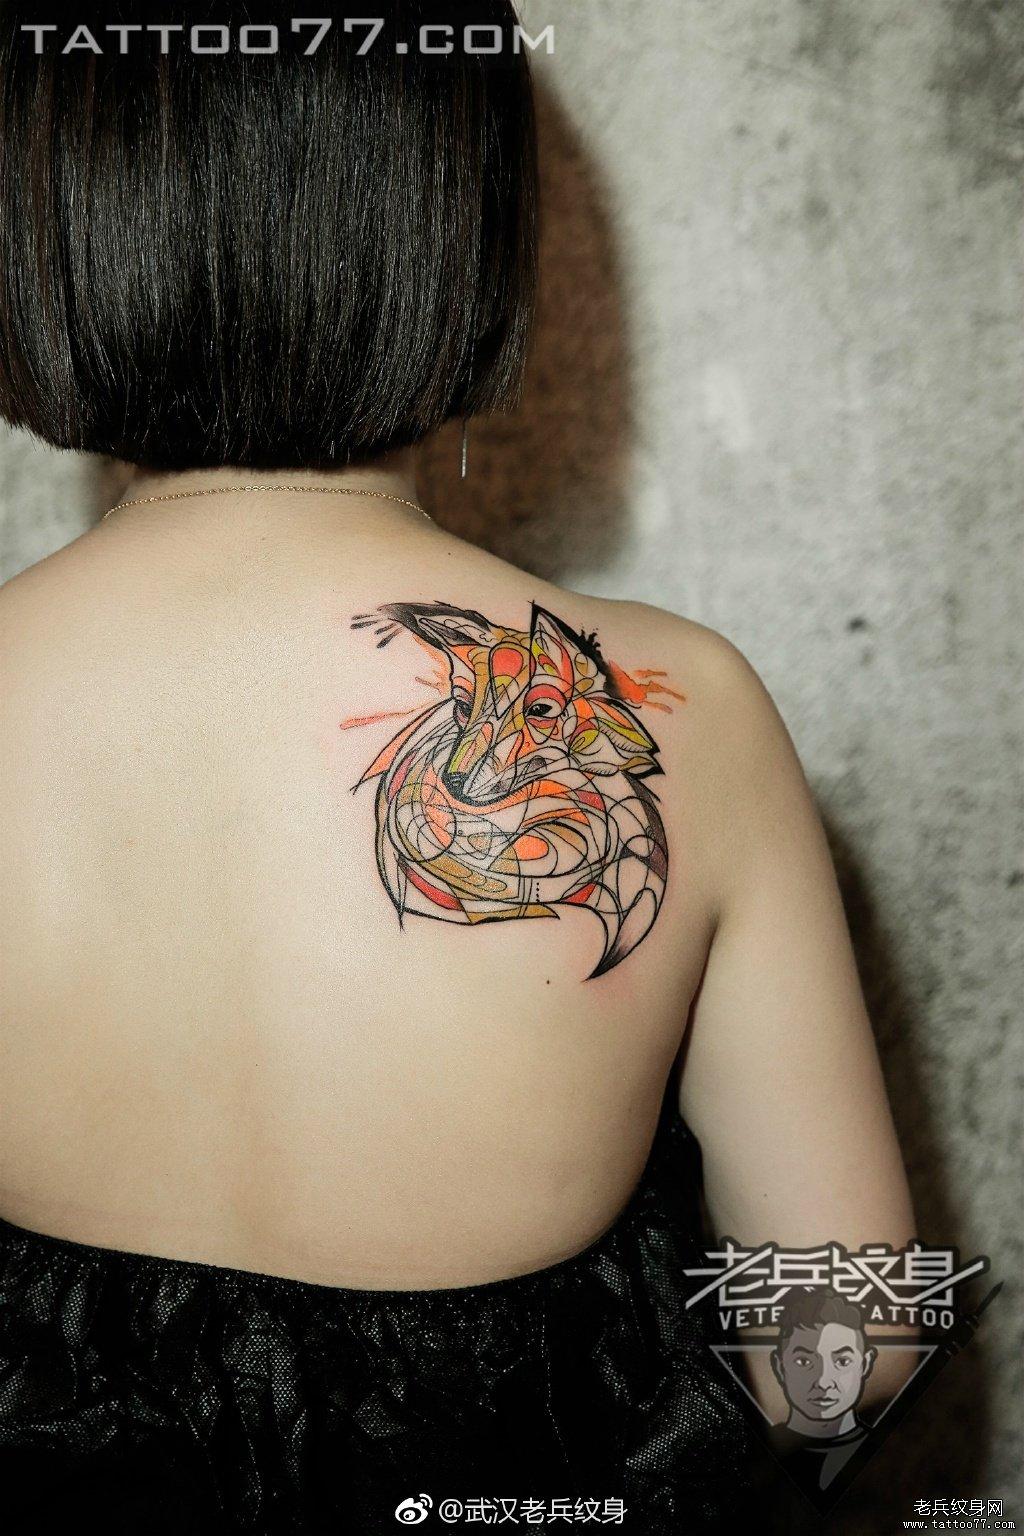 后背彩色狐狸刺青纹身作品